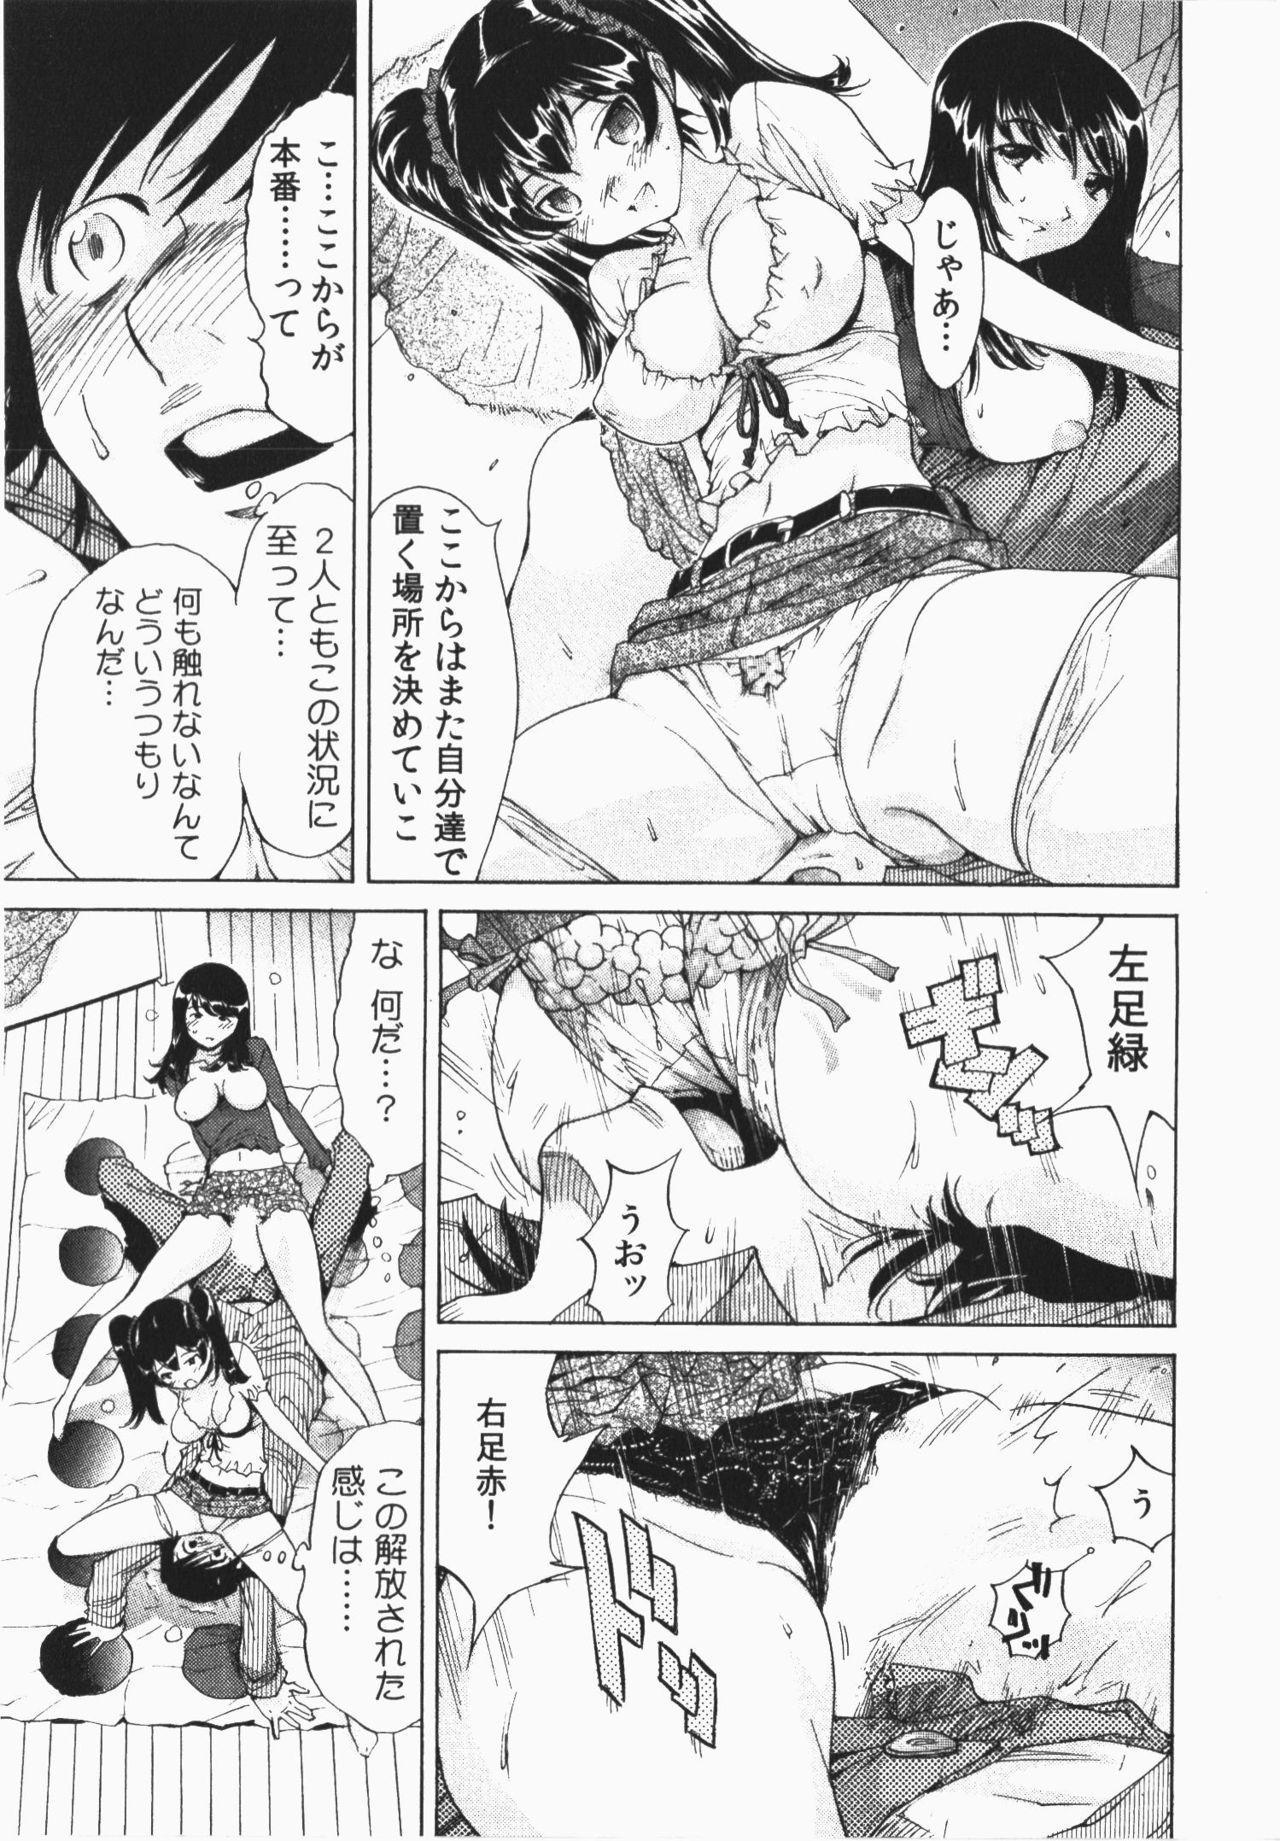 Ukkari Haicchatta! Itoko to Micchaku Game Chuu 56